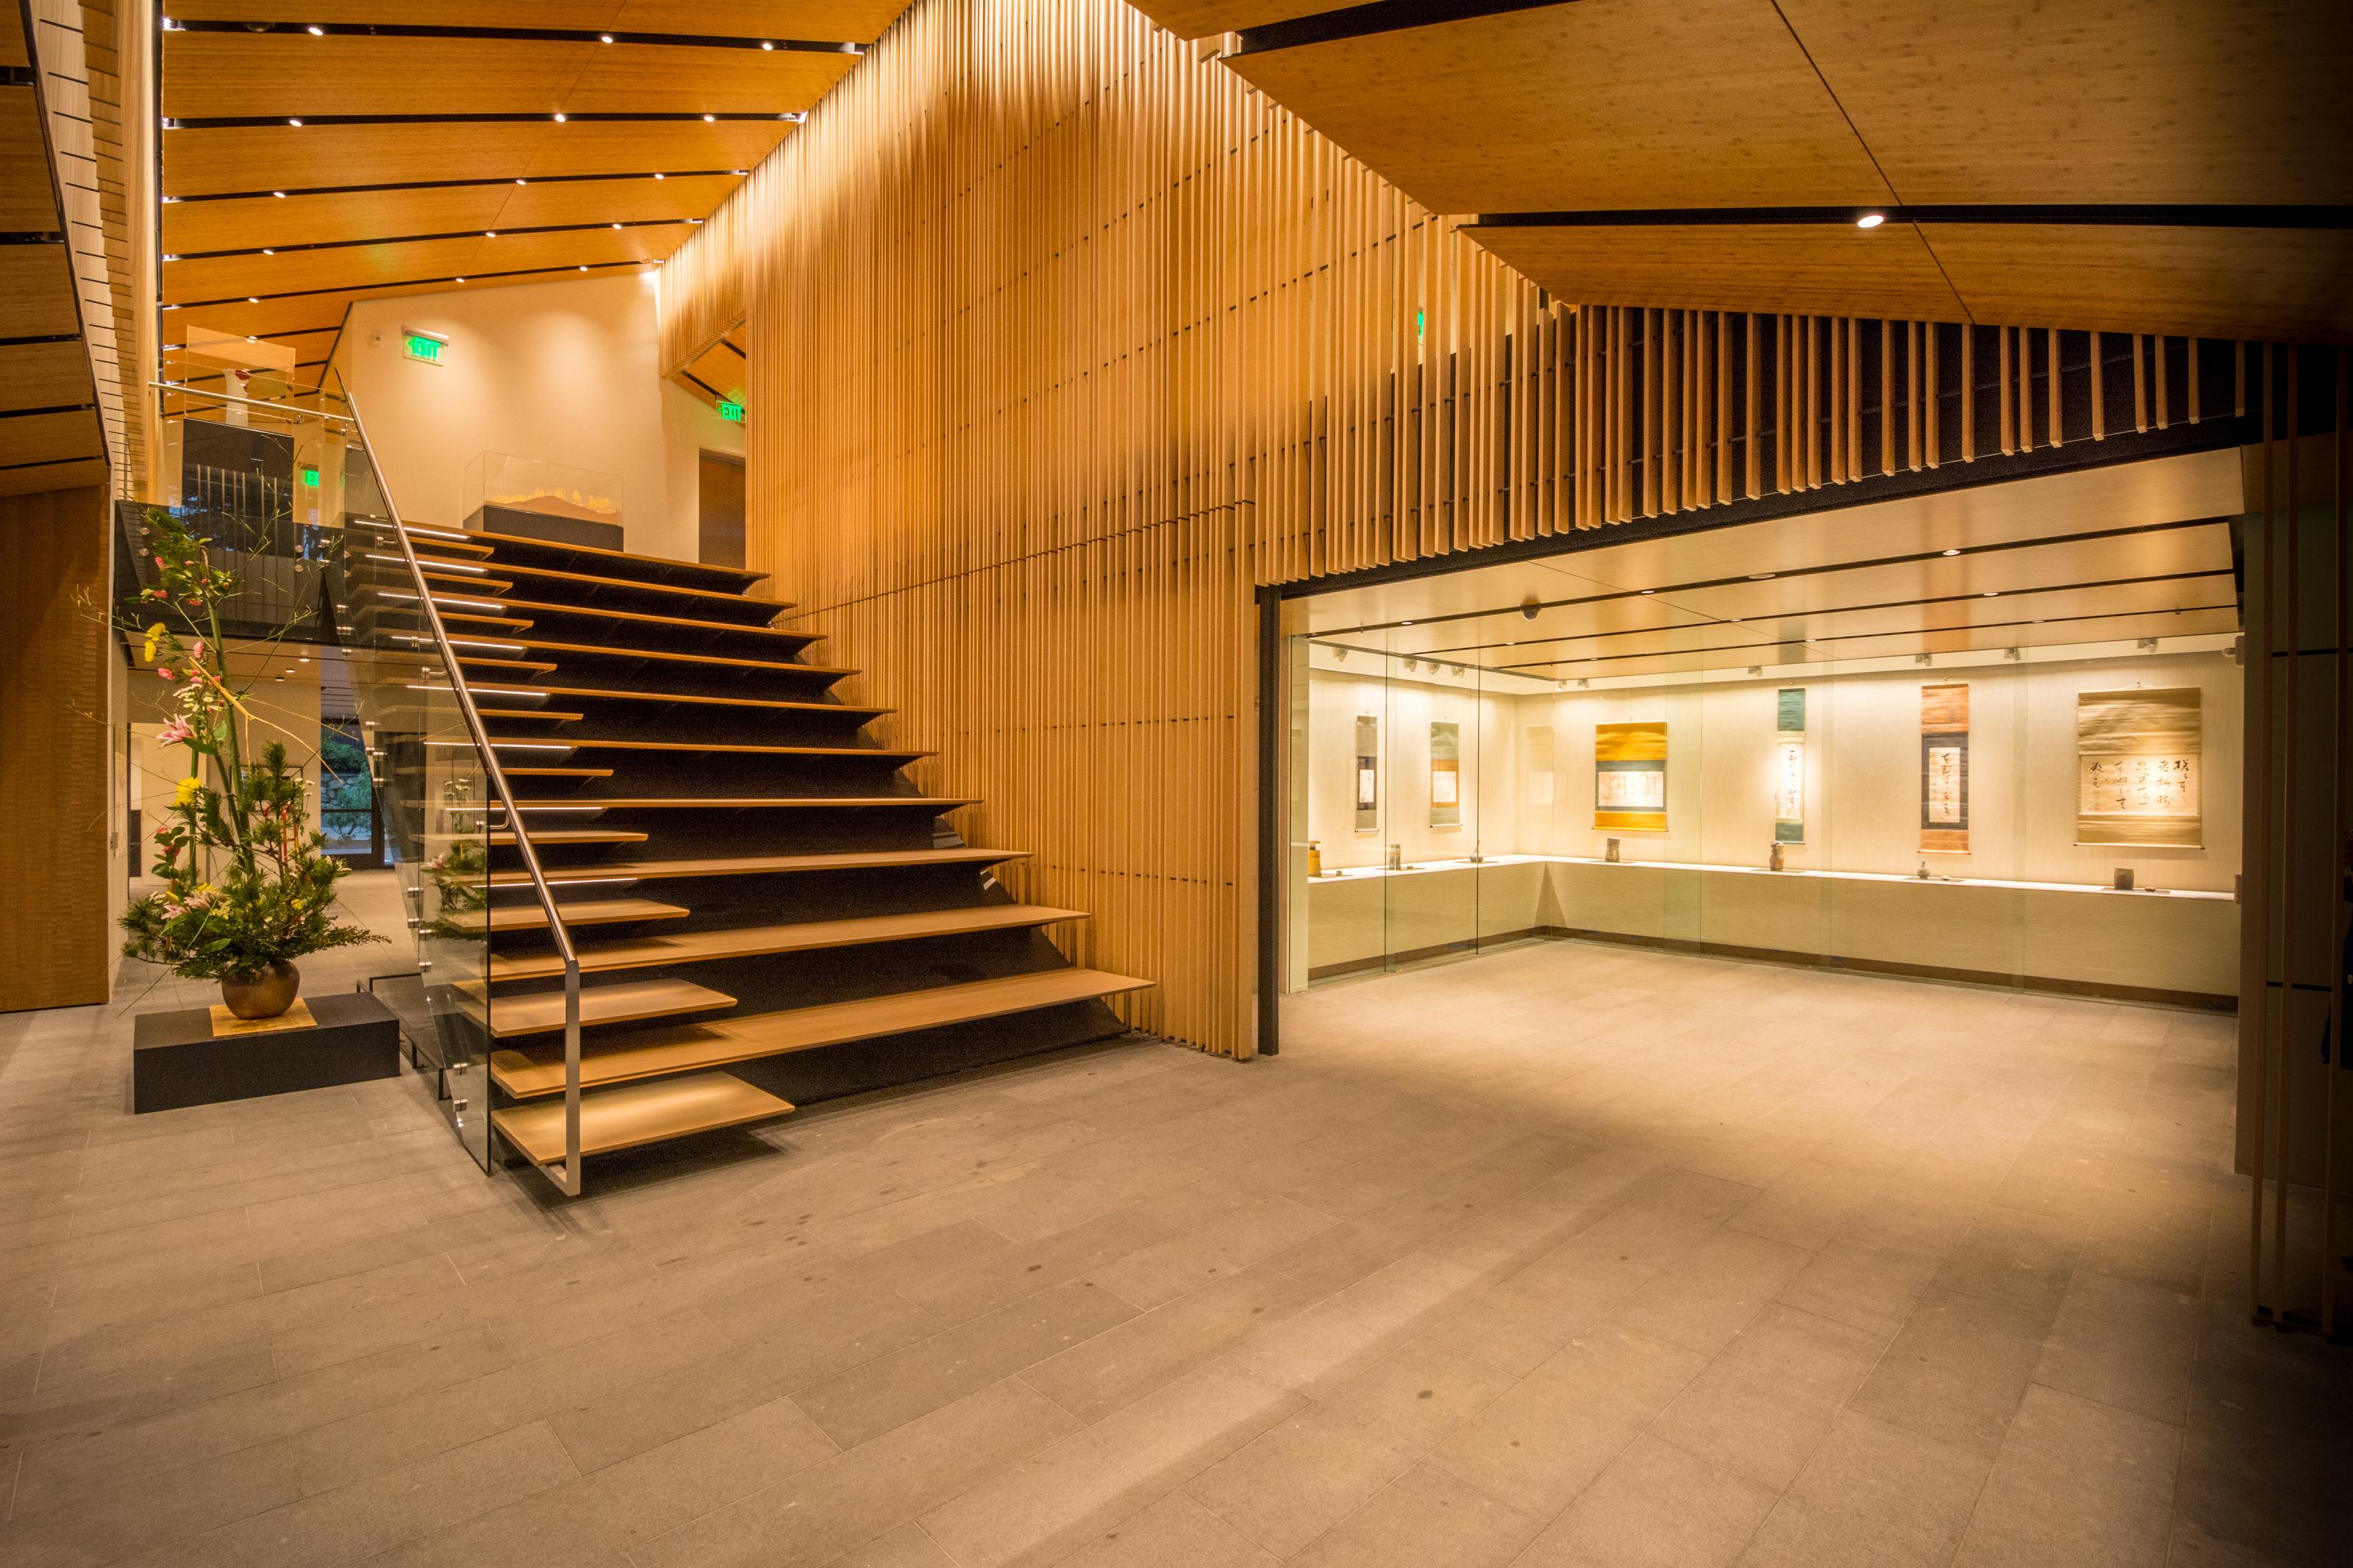 Portland Japanese Garden S Kengo Kuma Designed Expansion